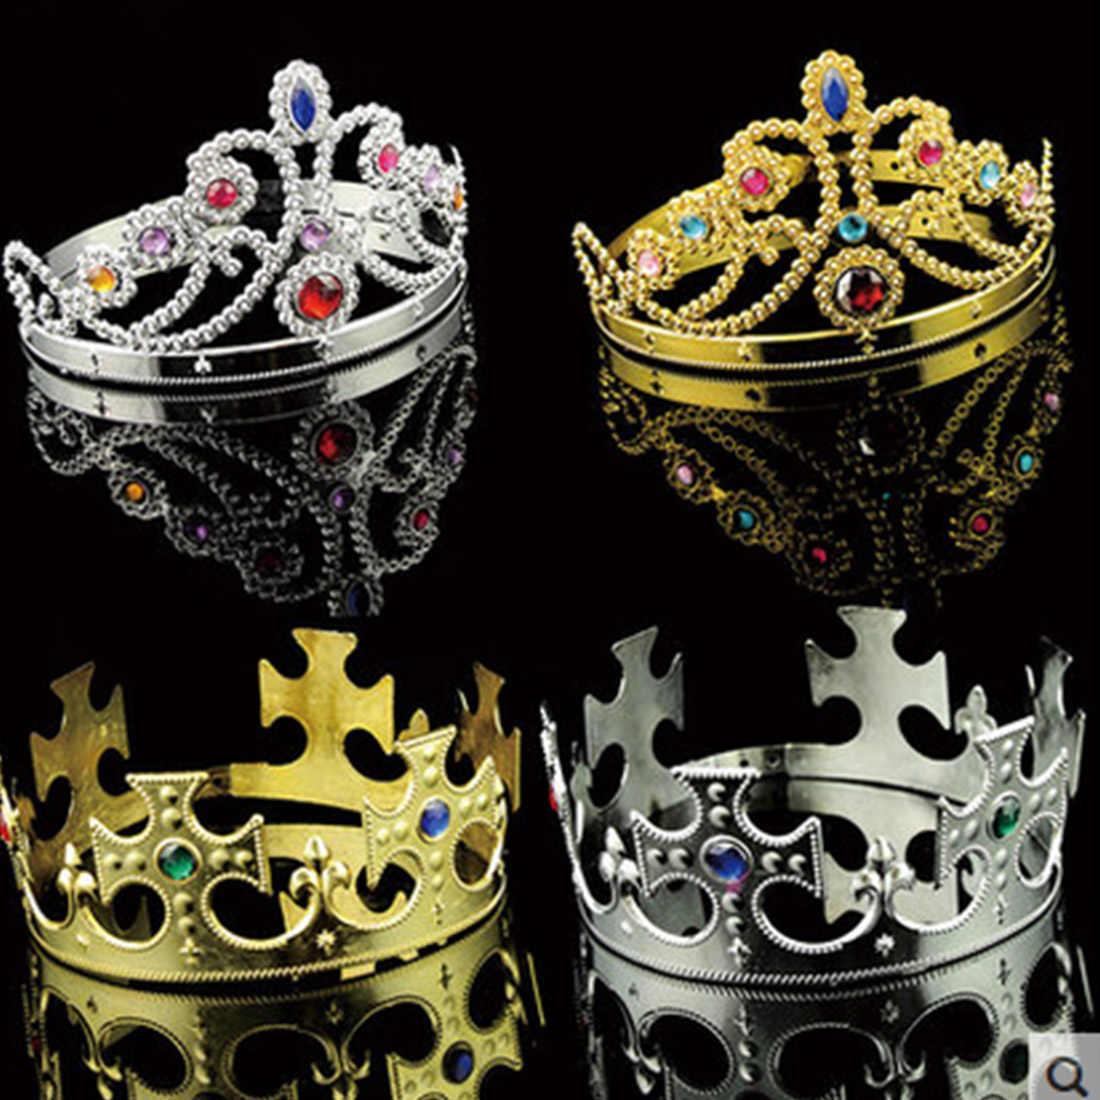 良い品質キング女王プリンセスティアラクリスタルクラウンヘアバンドhairwear用パーティー子供のため、女の子、男の子ヘアアクセサリー